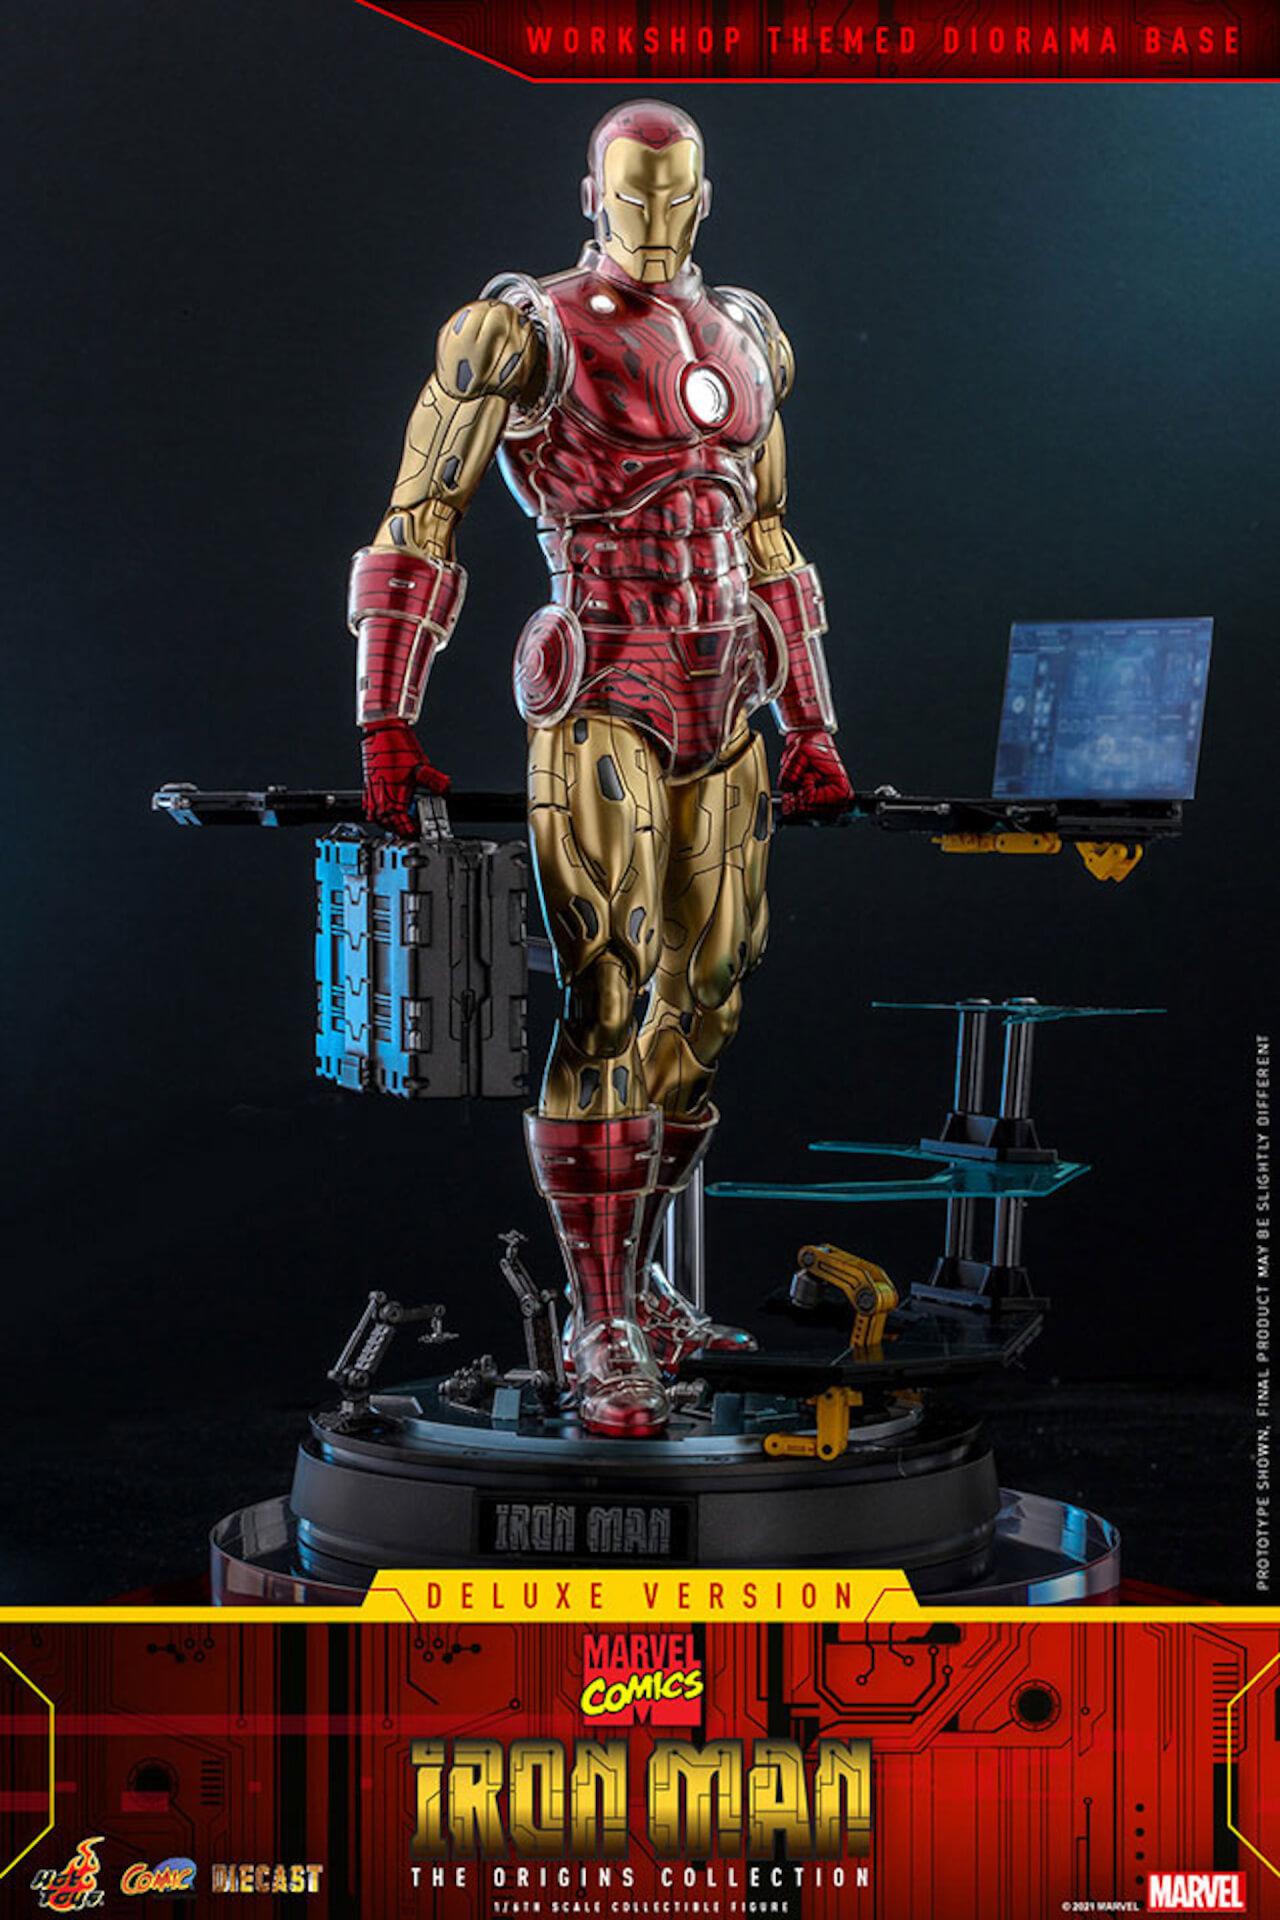 マーベルコミック版のアイアンマンをリアルに再現!ホットトイズ「コミック・マスターピース DIECAST」に登場 art210414_ironman_hottoys_5